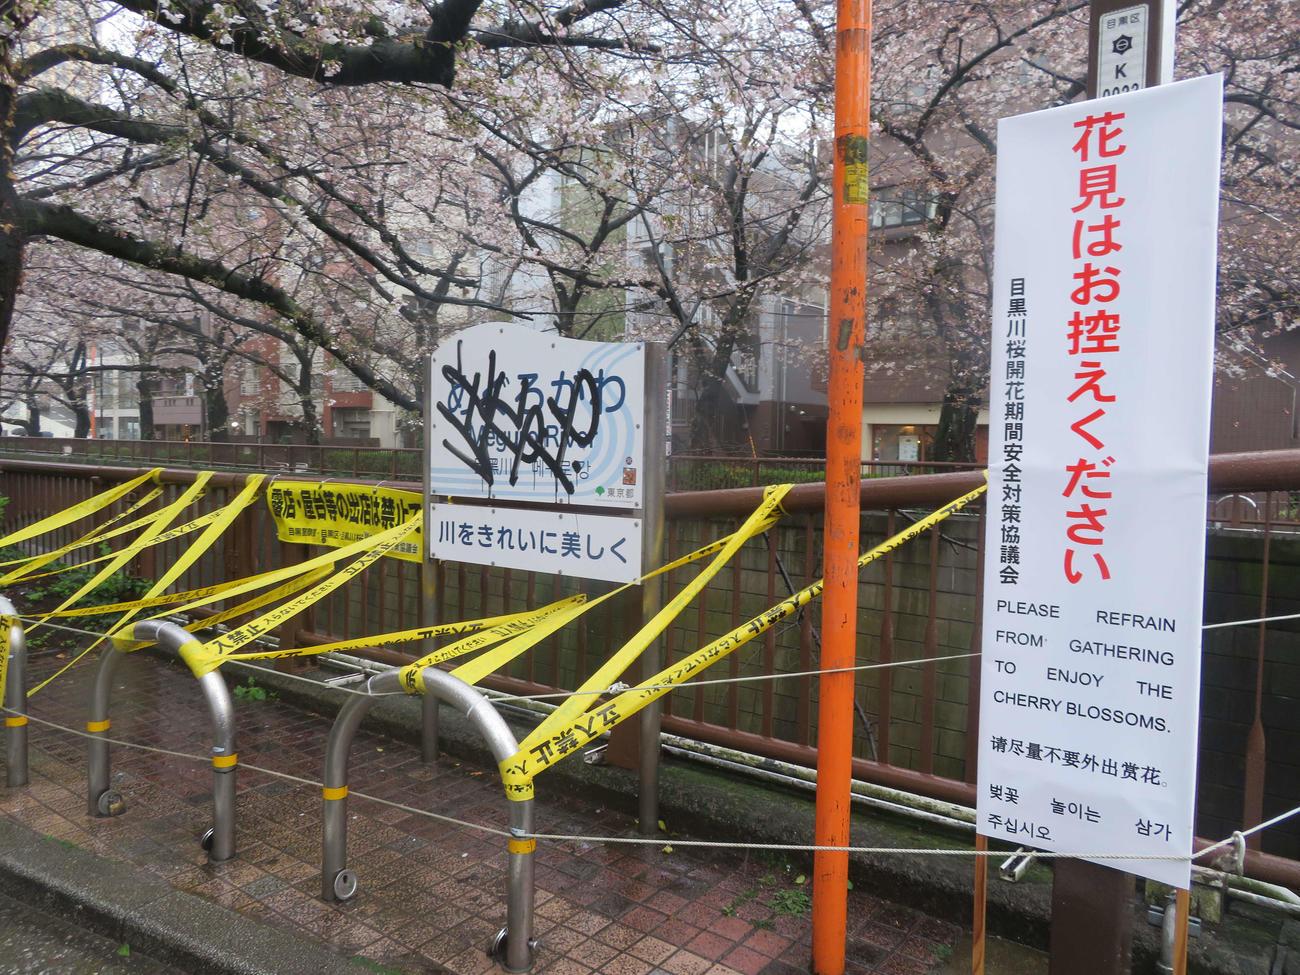 目黒川沿いに設置された花見の自粛を呼びかける看板(撮影・沢田直人)